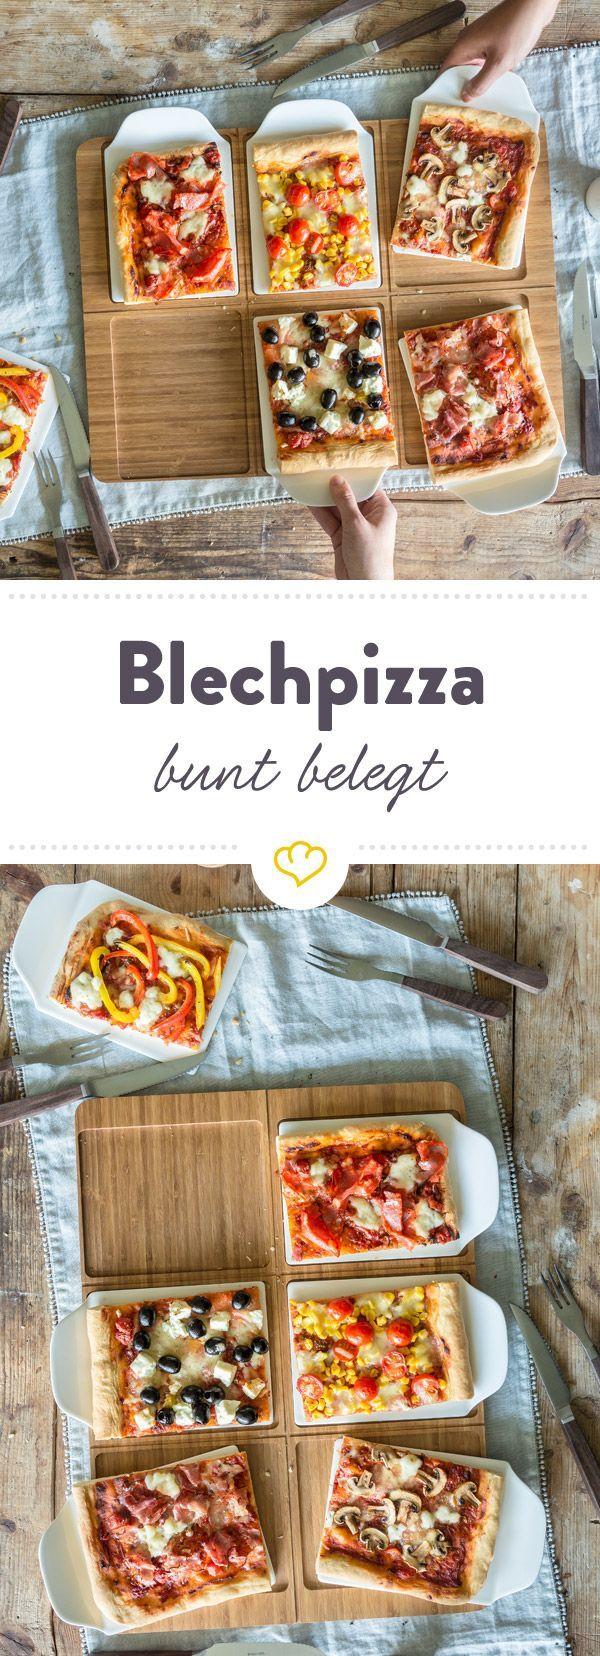 Drauf darf, was du am liebsten magst. Ob wild gemischt, streifenweise belegt, vegetarisch oder mit Fleisch - servier deinen Gästen eine neue Pizzakreation.